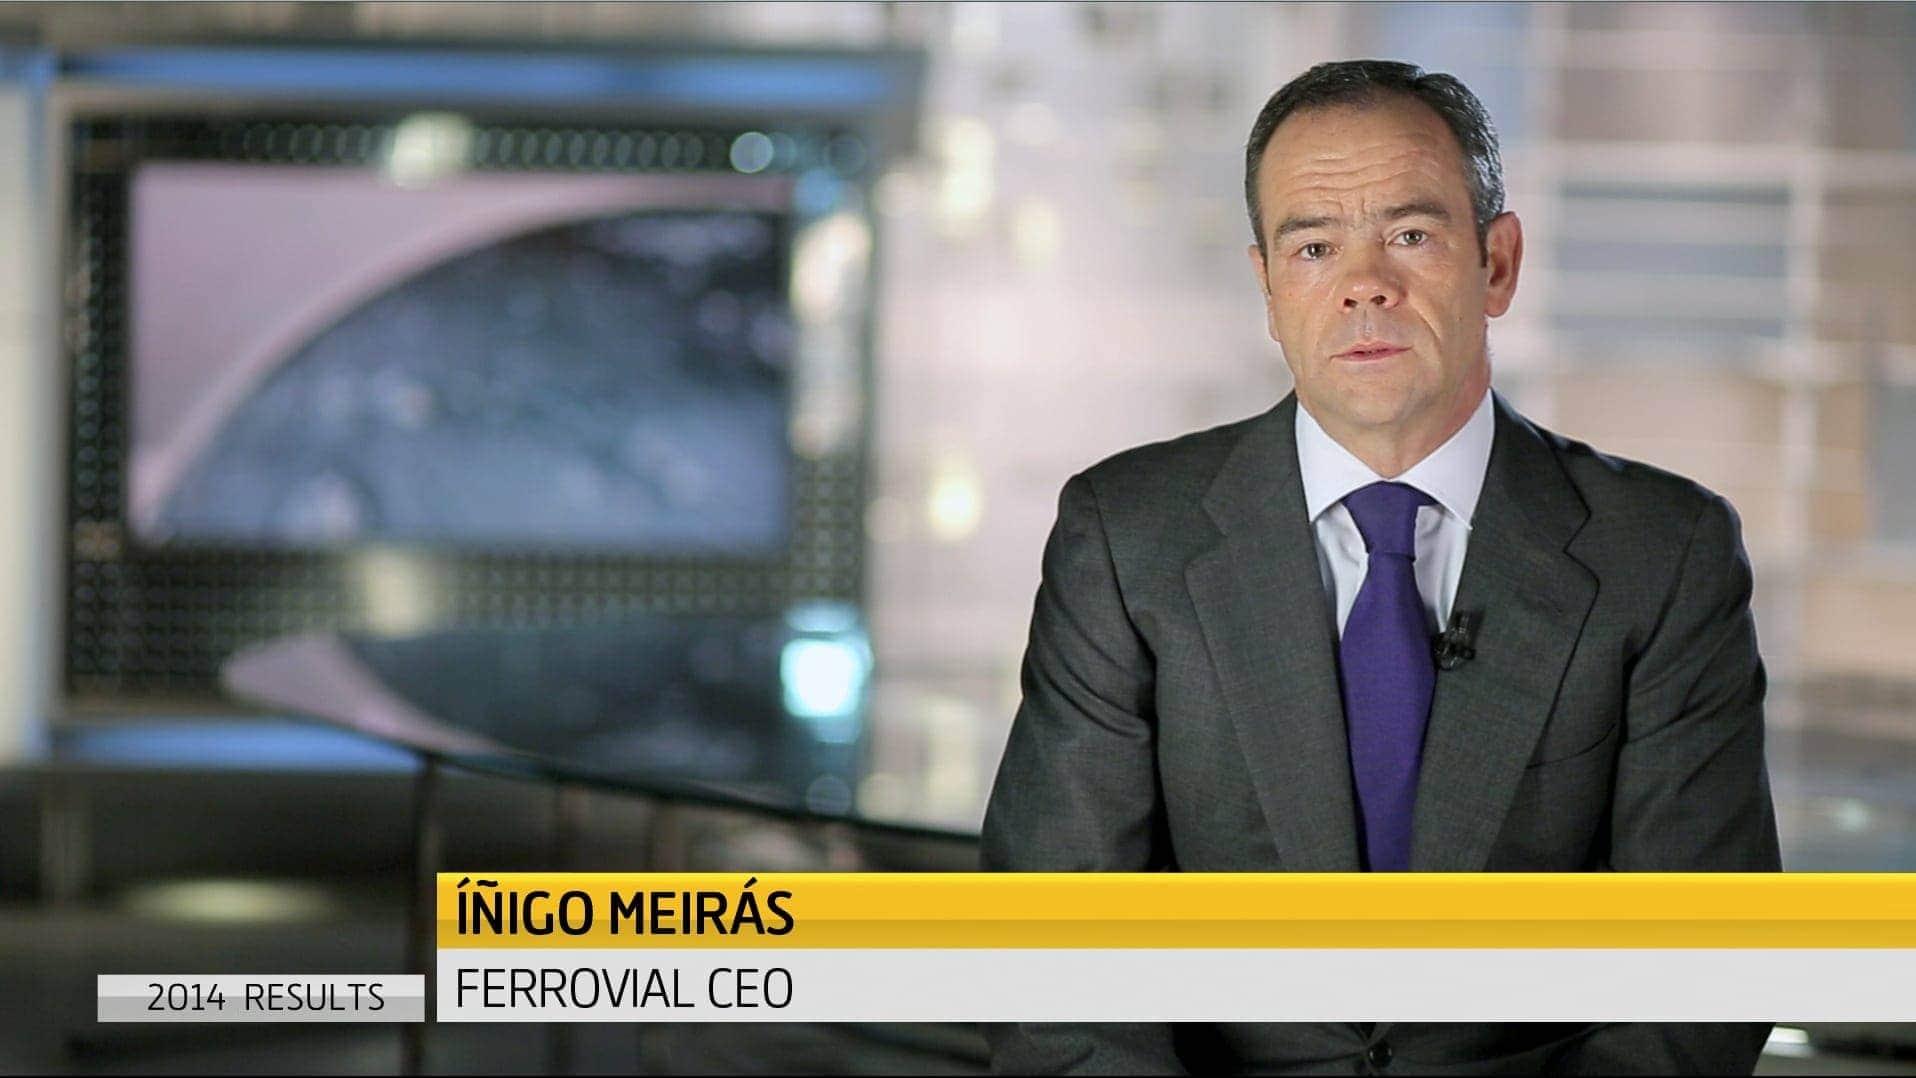 Iñigo-Meiras_ENG_V4